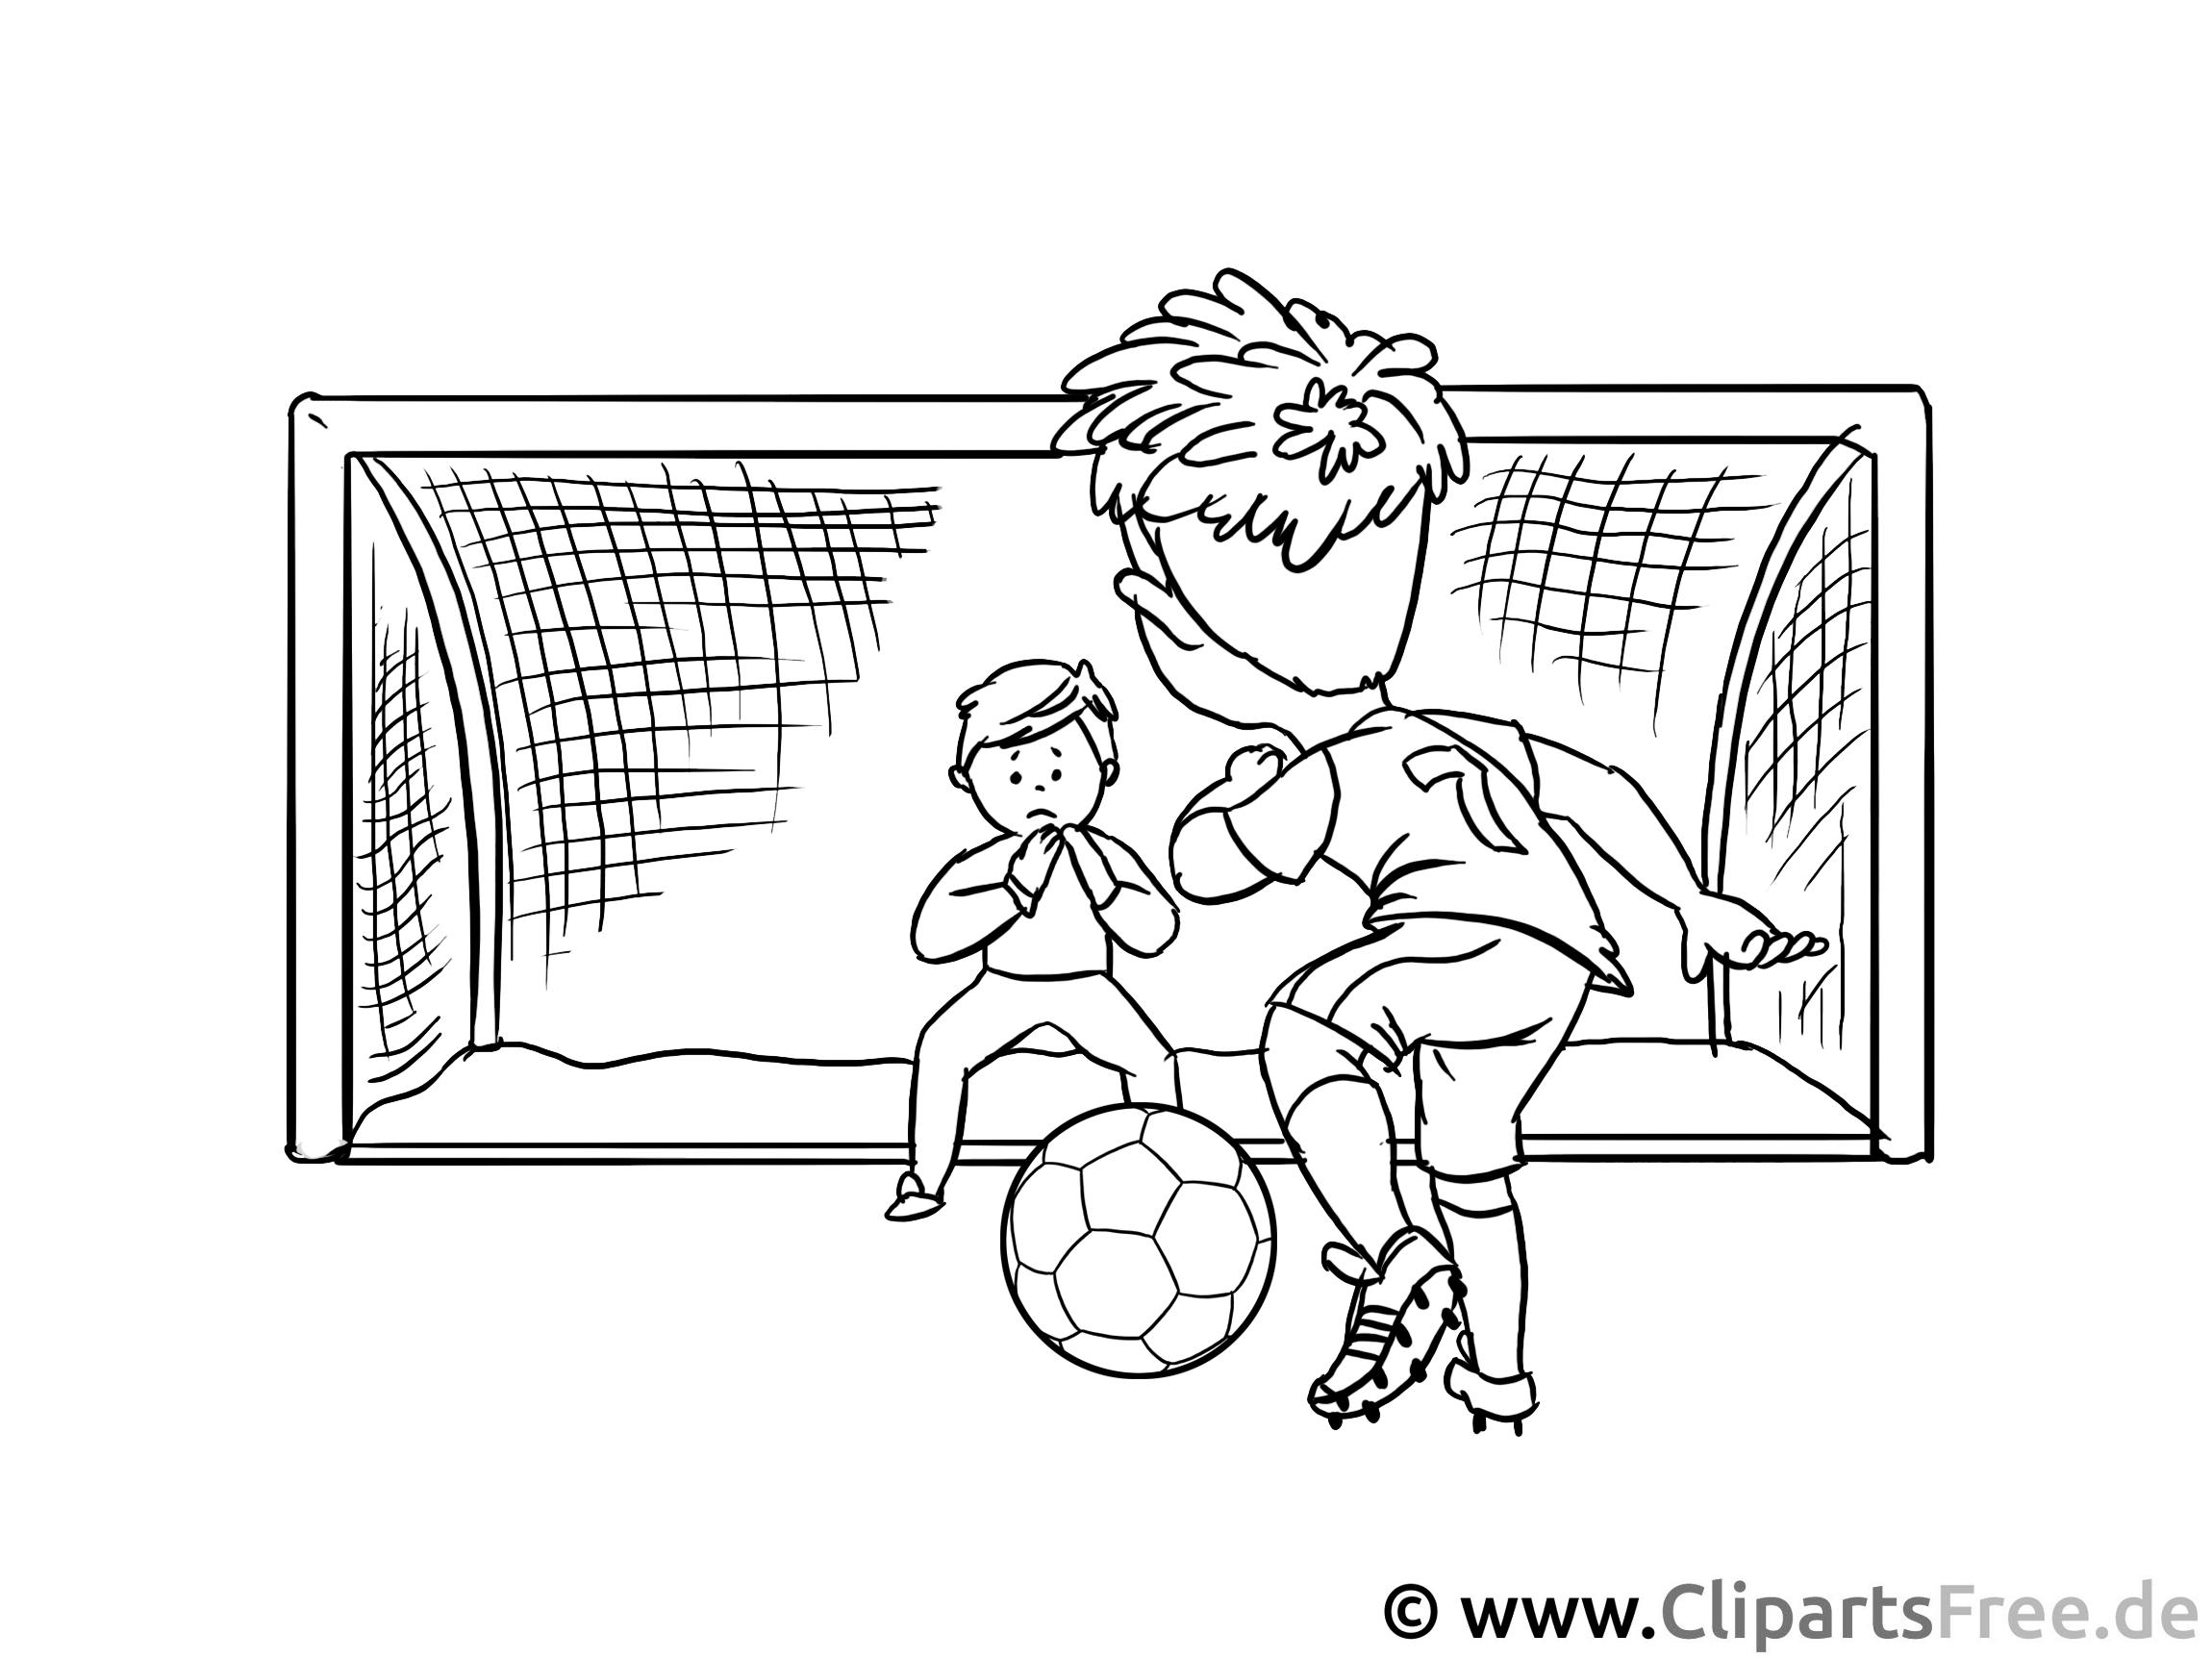 Fussball-Torschuss - Kunstunterricht Grundschule Arbeitblätter, Vorlagen